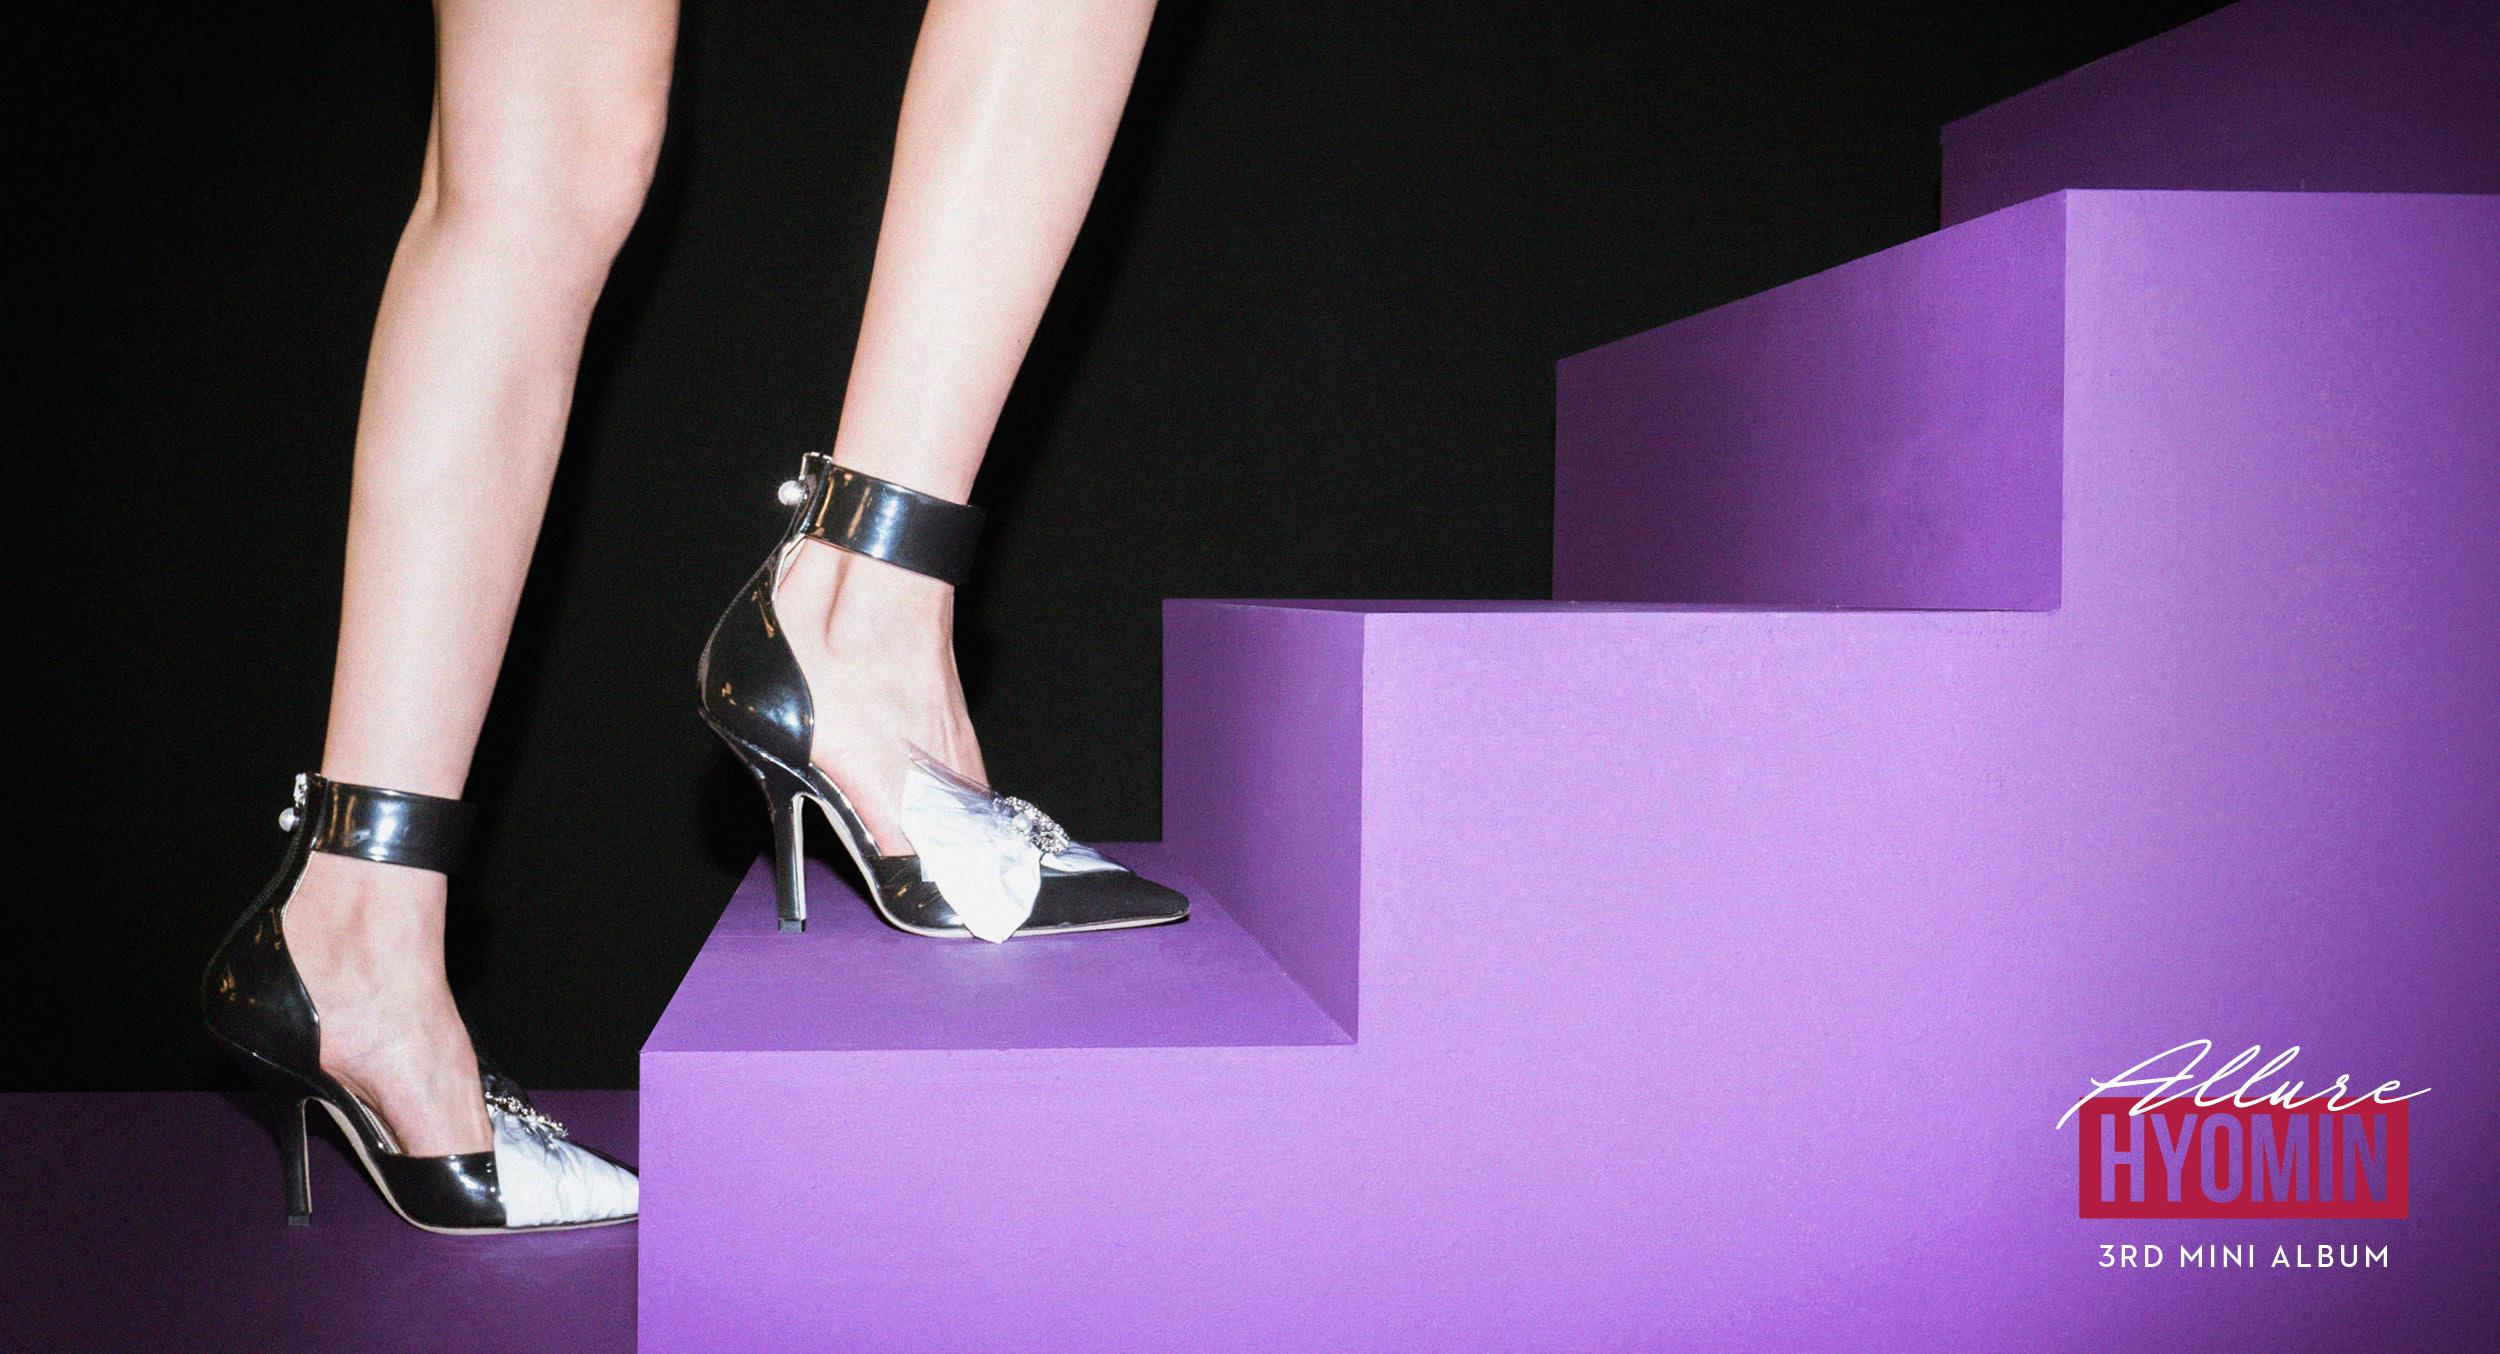 hyomin-teaser-shoe.jpg